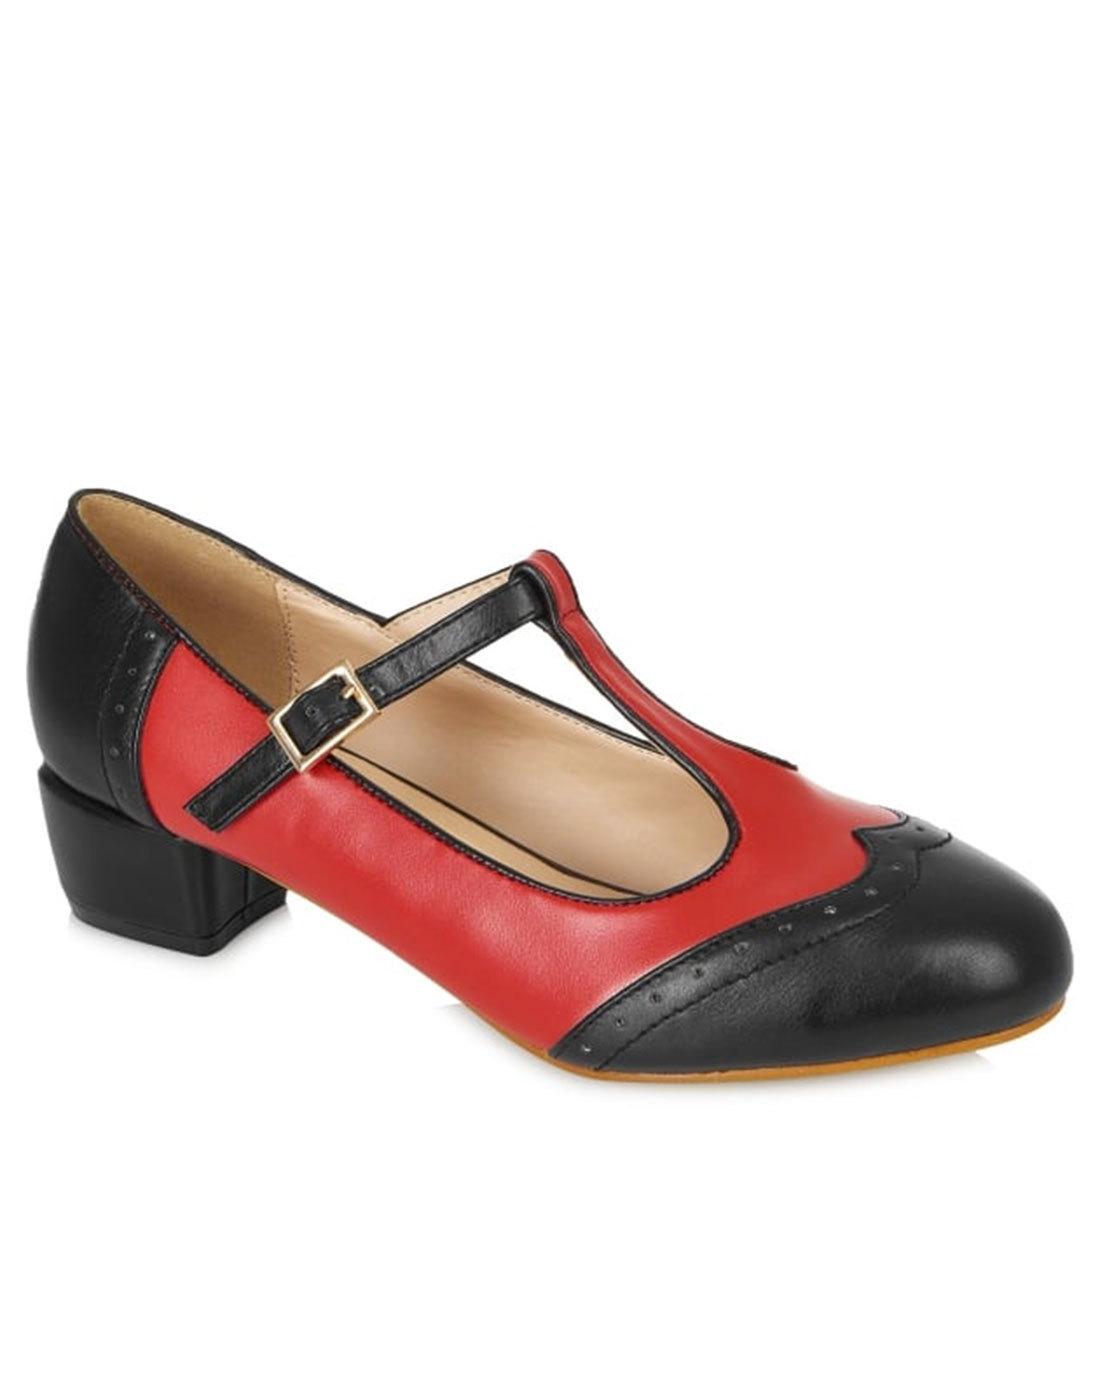 9eaf7c266f9e LULU HUN Georgia Retro Mod 60 s Spectator Shoes in Black Red